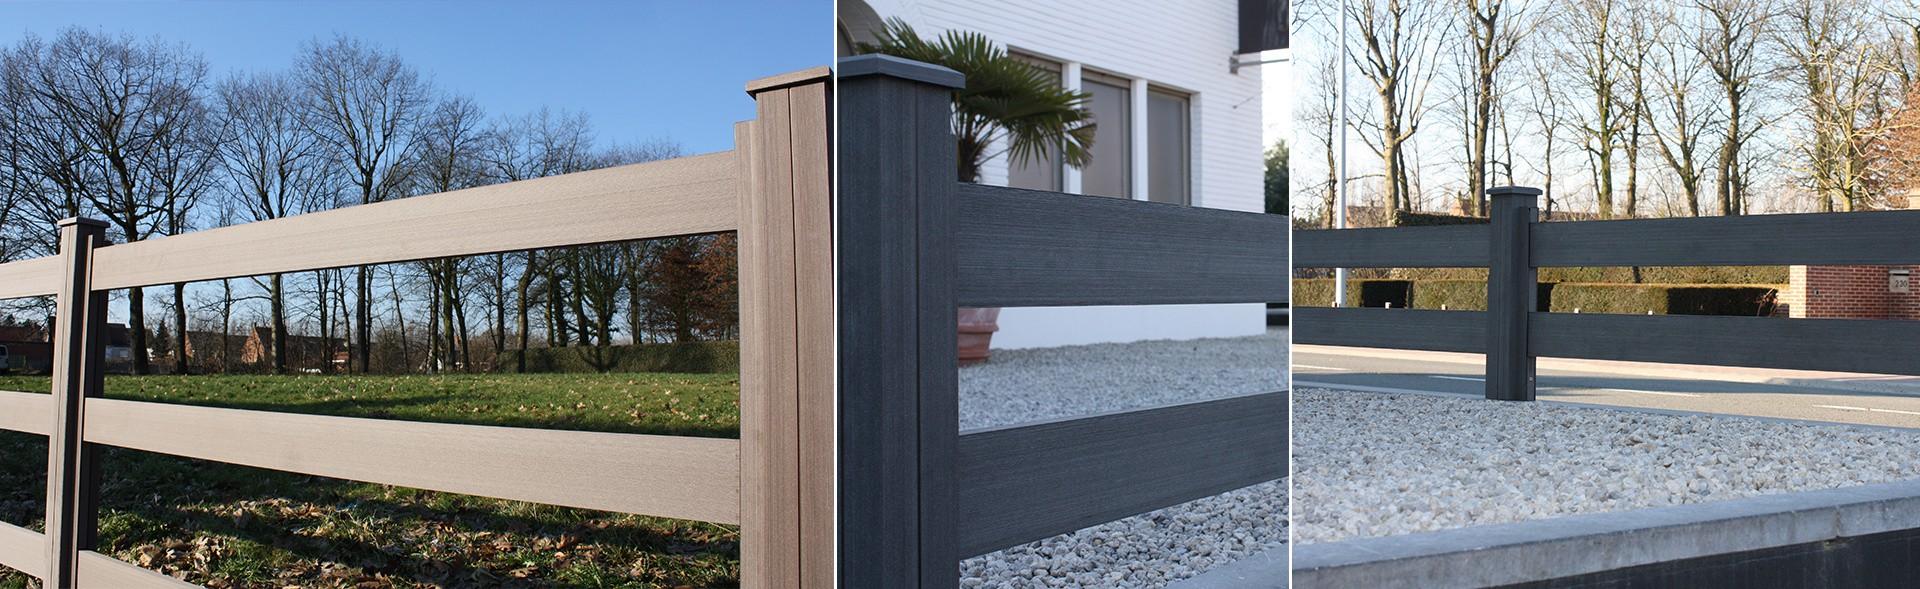 Schuttingen terrasplanken van houtcomposiet nieuws for Moderne afsluiting tuin